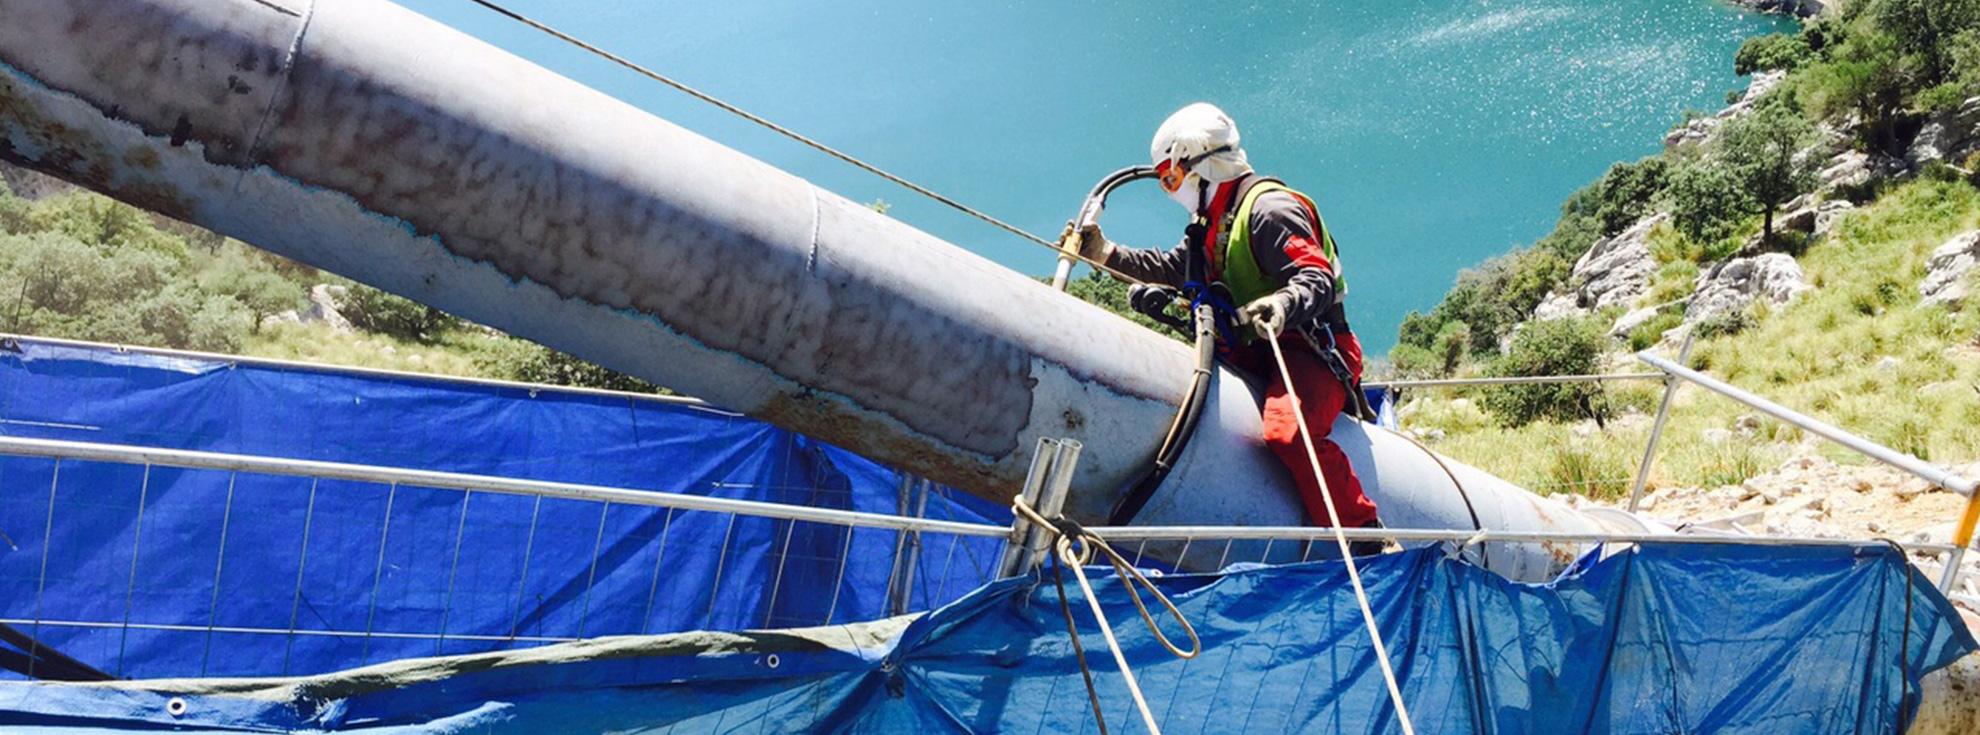 Mantenimiento tuberías forzadas hidroeléctricas Es Gorg Blau, Mallorca